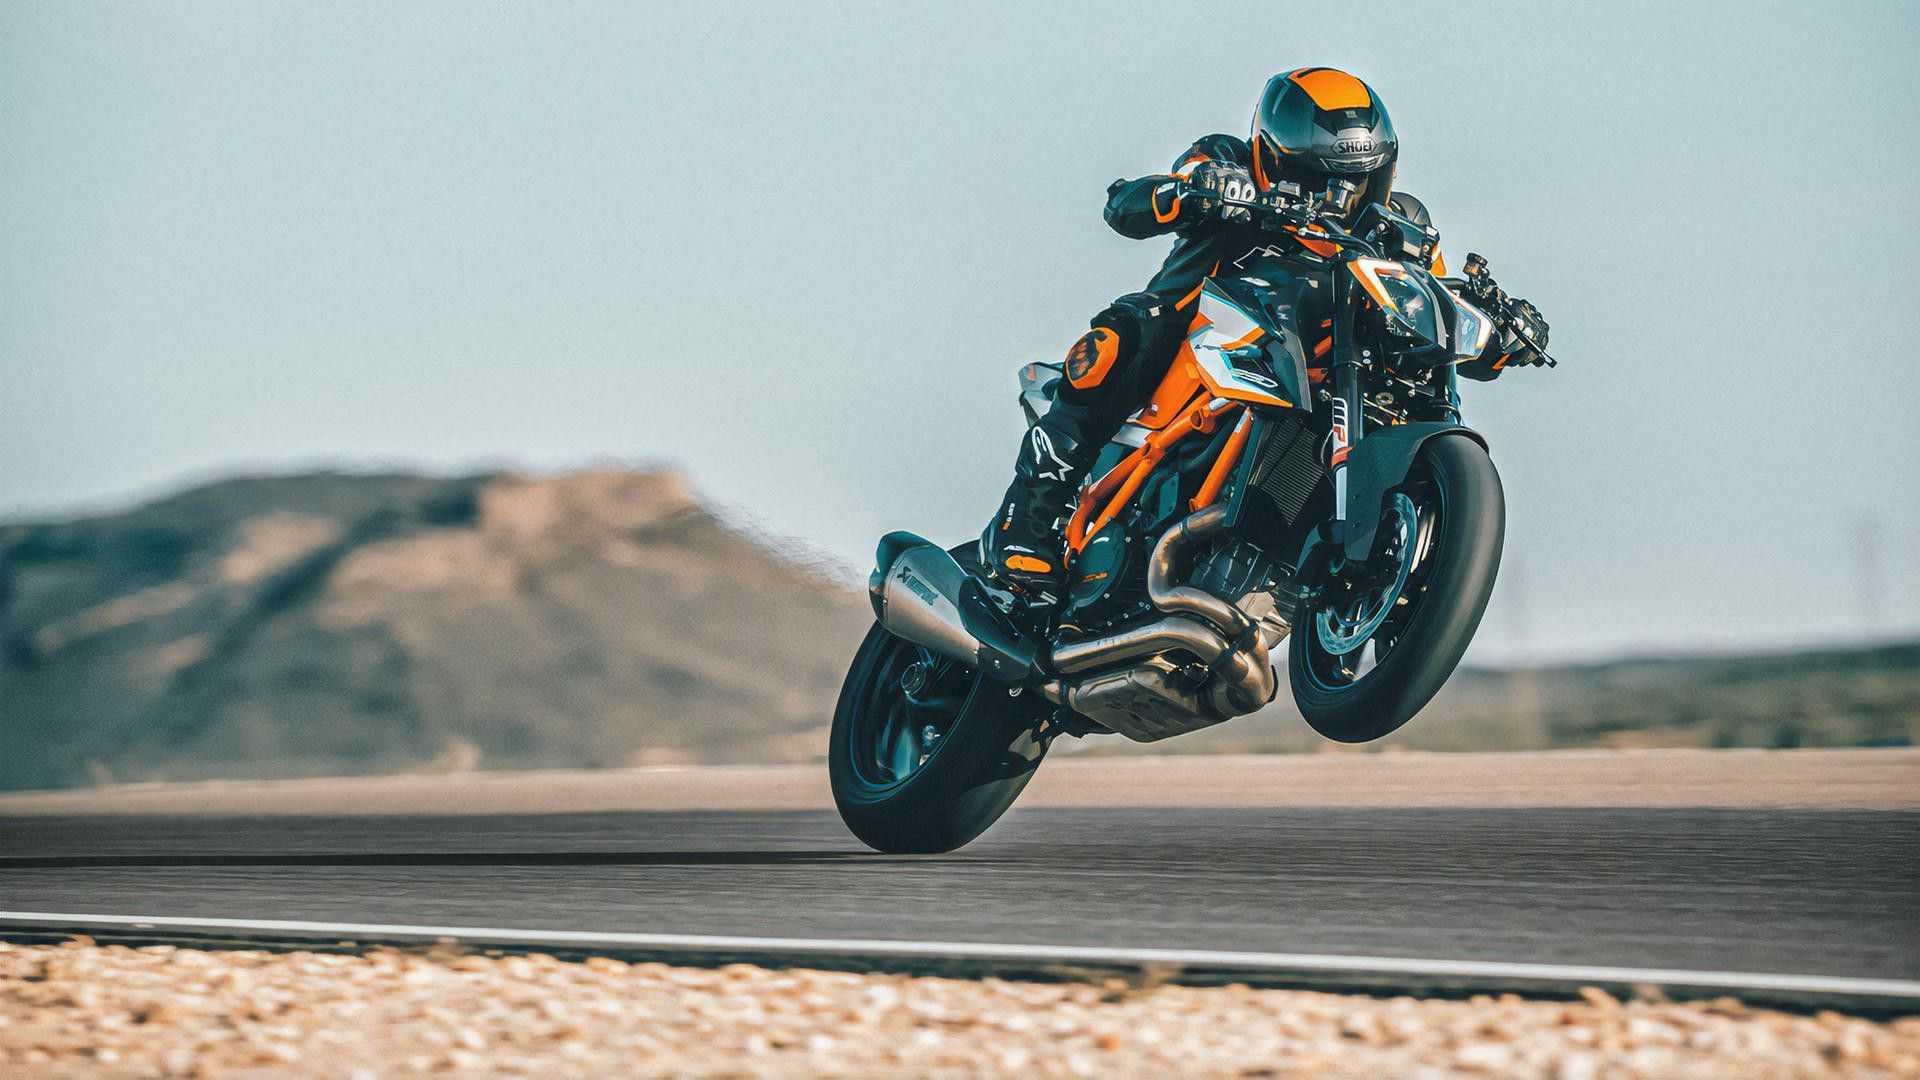 KTM mở bán 1290 Super Duke RR phiên bản đặc biệt với số lượng cực giới hạn